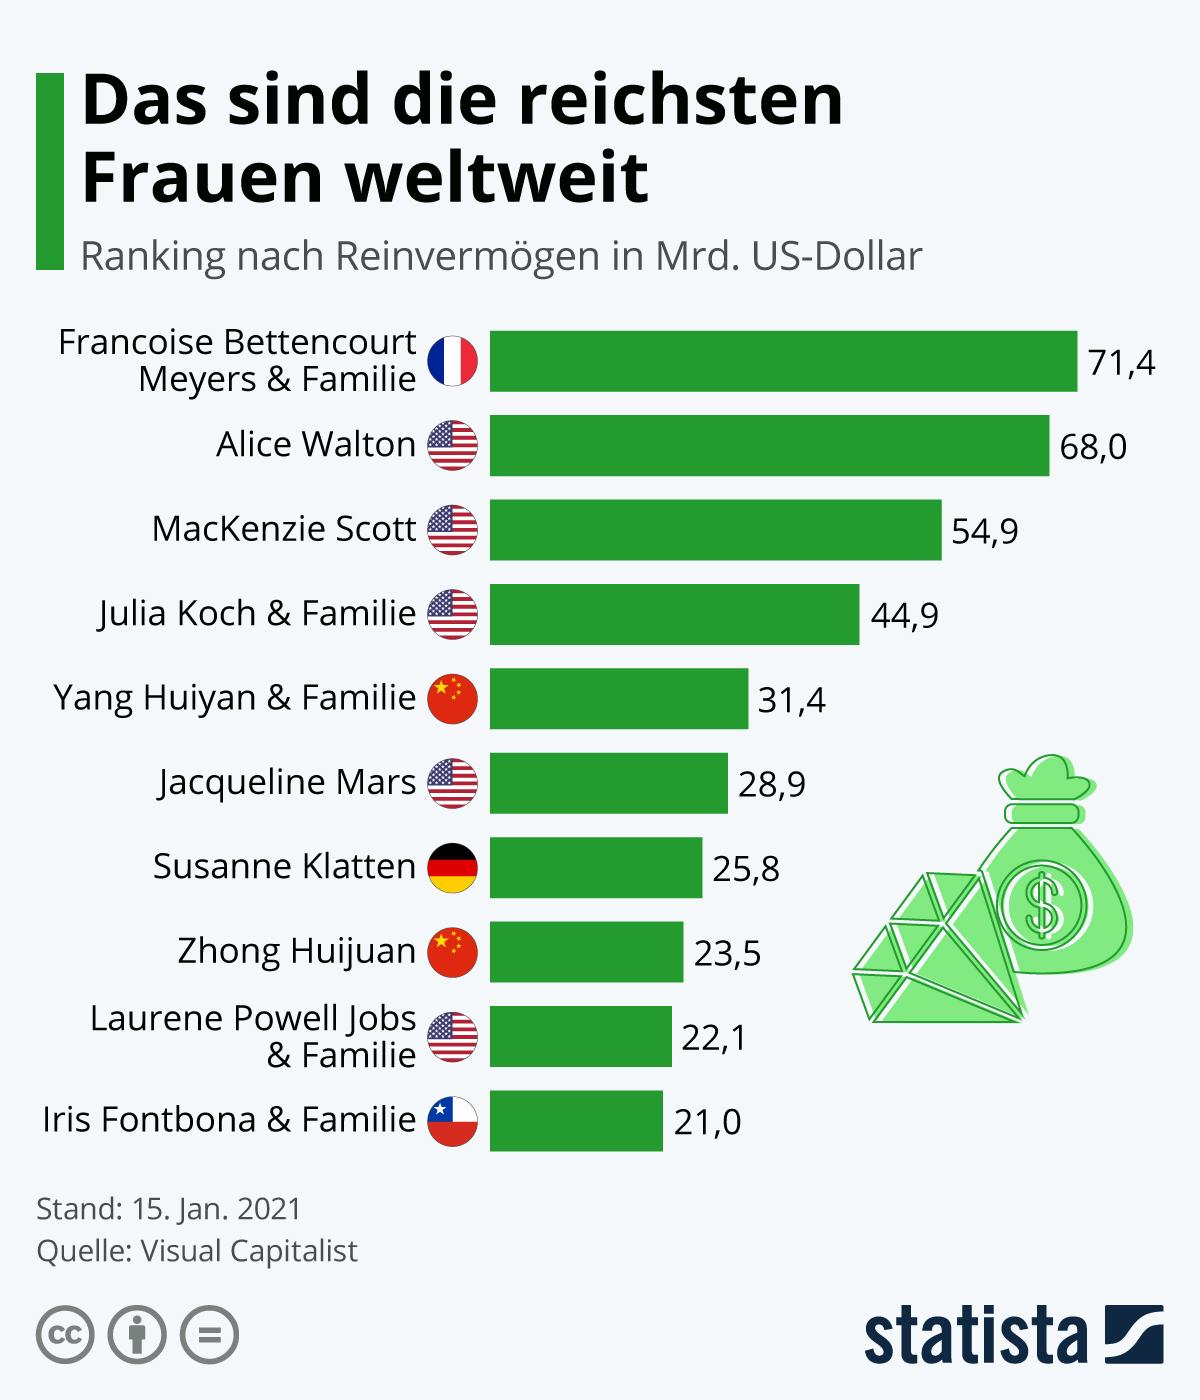 Das sind die reichsten Frauen weltweit | Statista